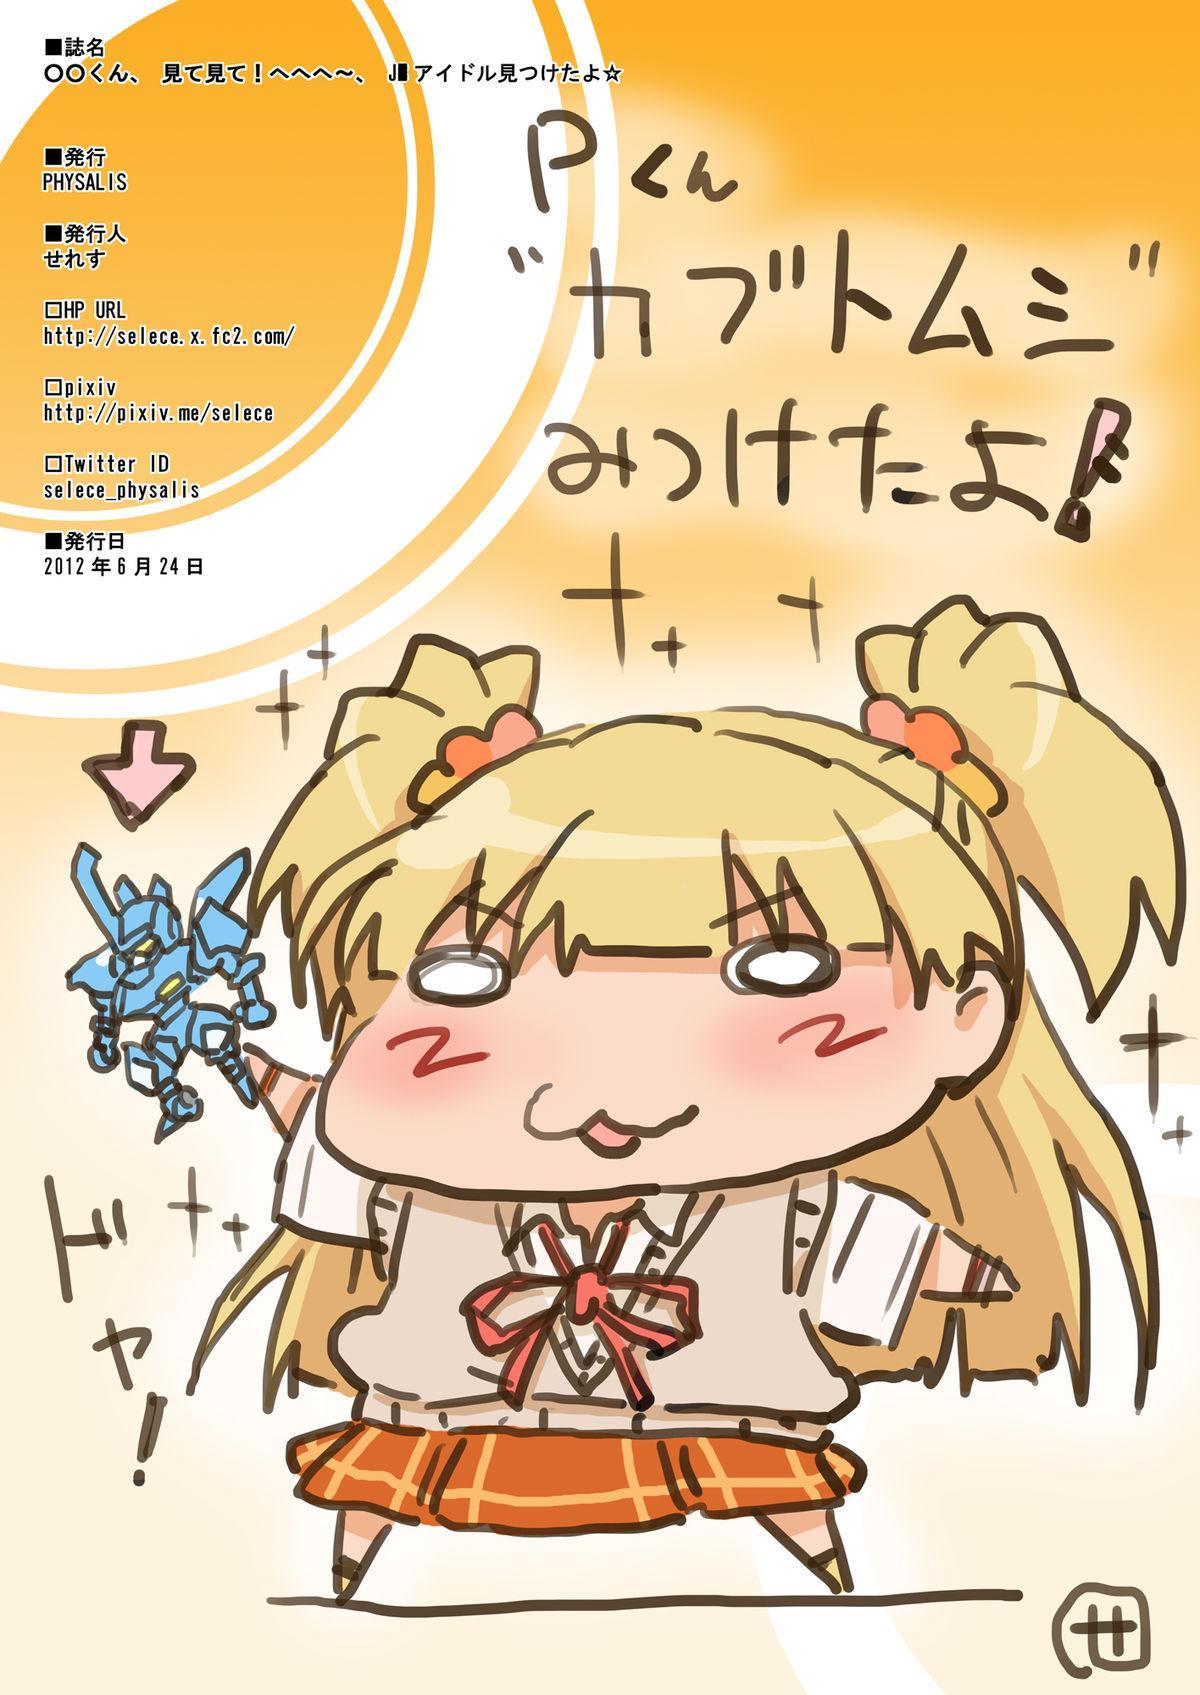 ○○-kun, Mite Mite! Hehehe~, JC Idol Mitsuketa yo 18